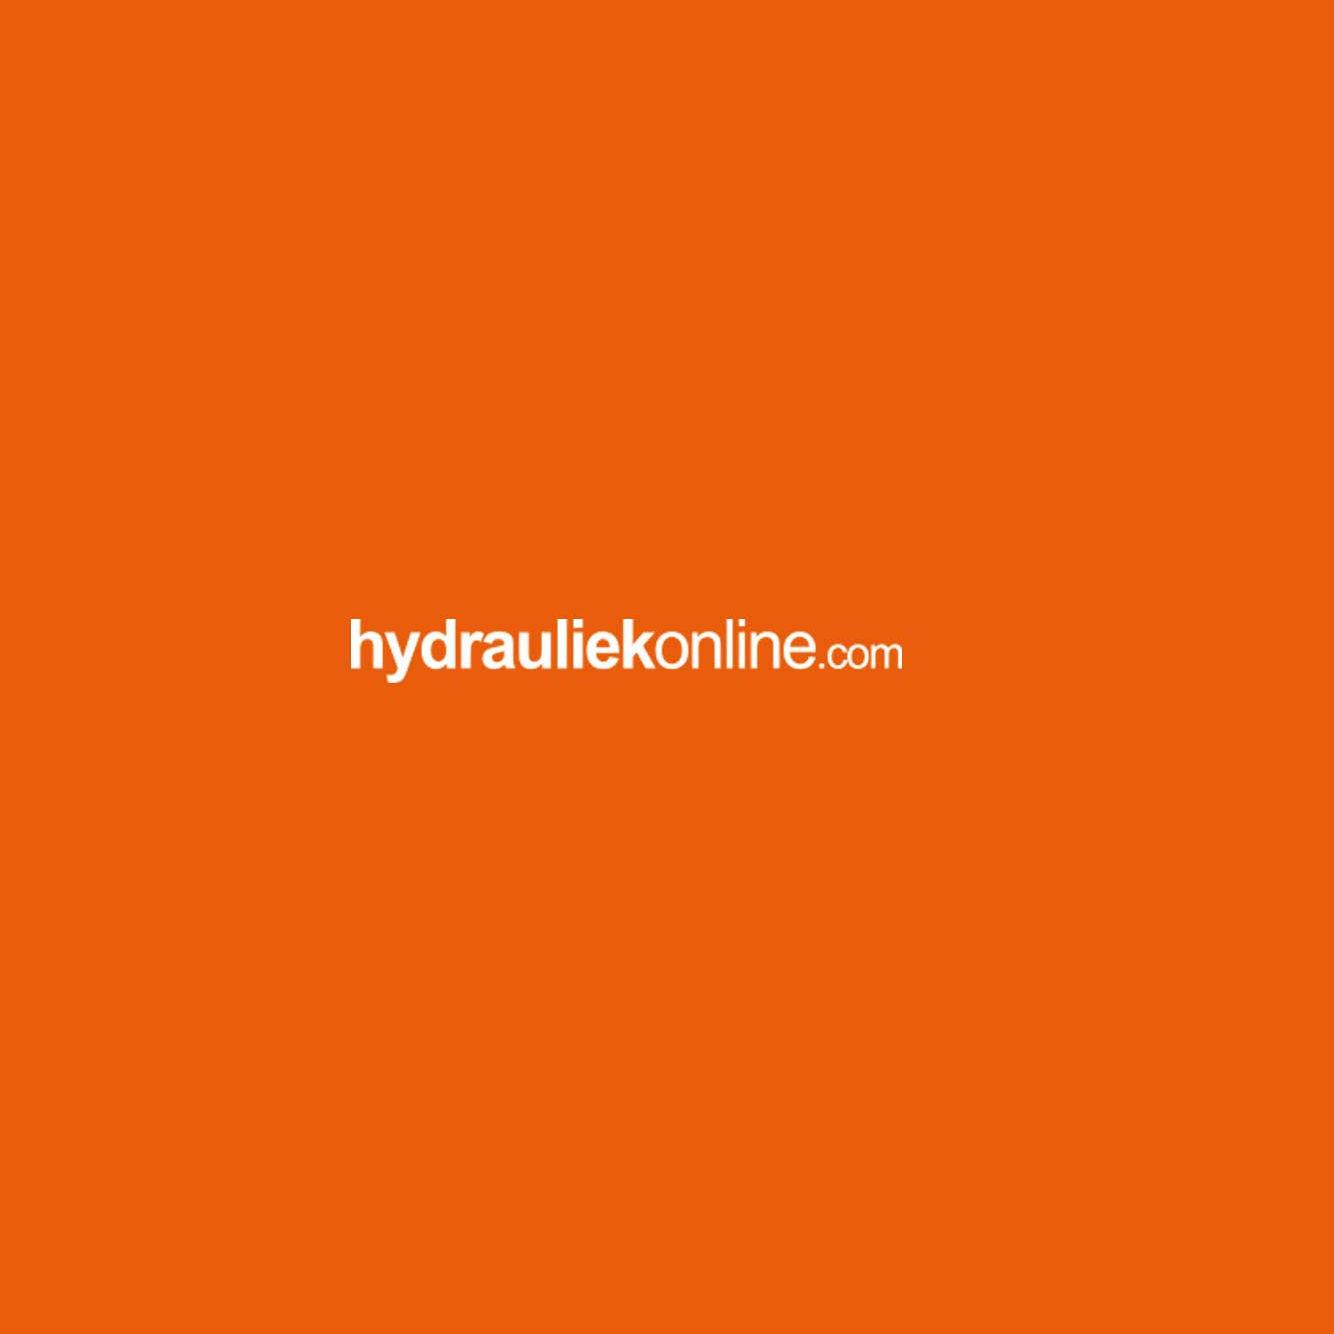 hydrauliek-online-507.jpg